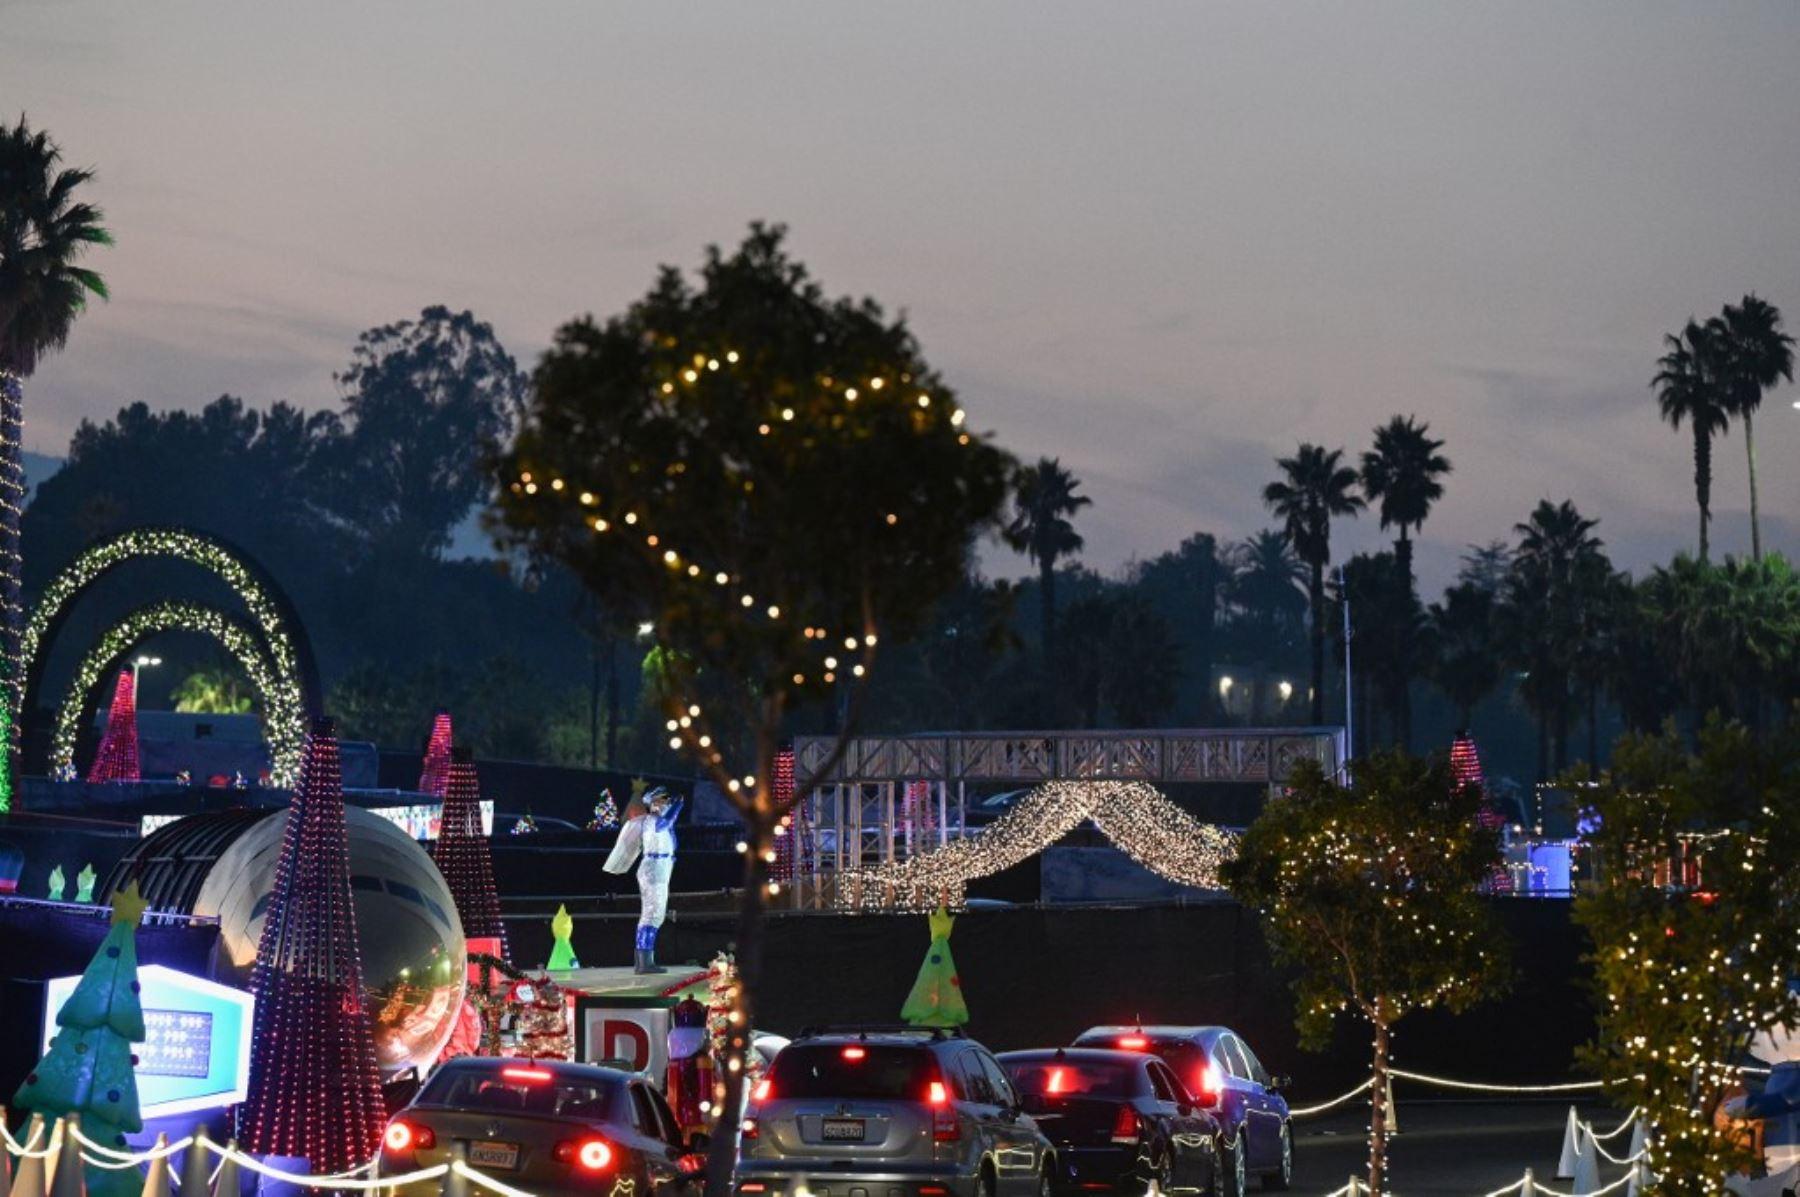 Personas en automóviles visitan el Dodgers Holiday Festival, un recorrido por la temporada navideña de manera segura en medio de la pandemia de coronavirus, en los Ángeles, California. Foto: AFP